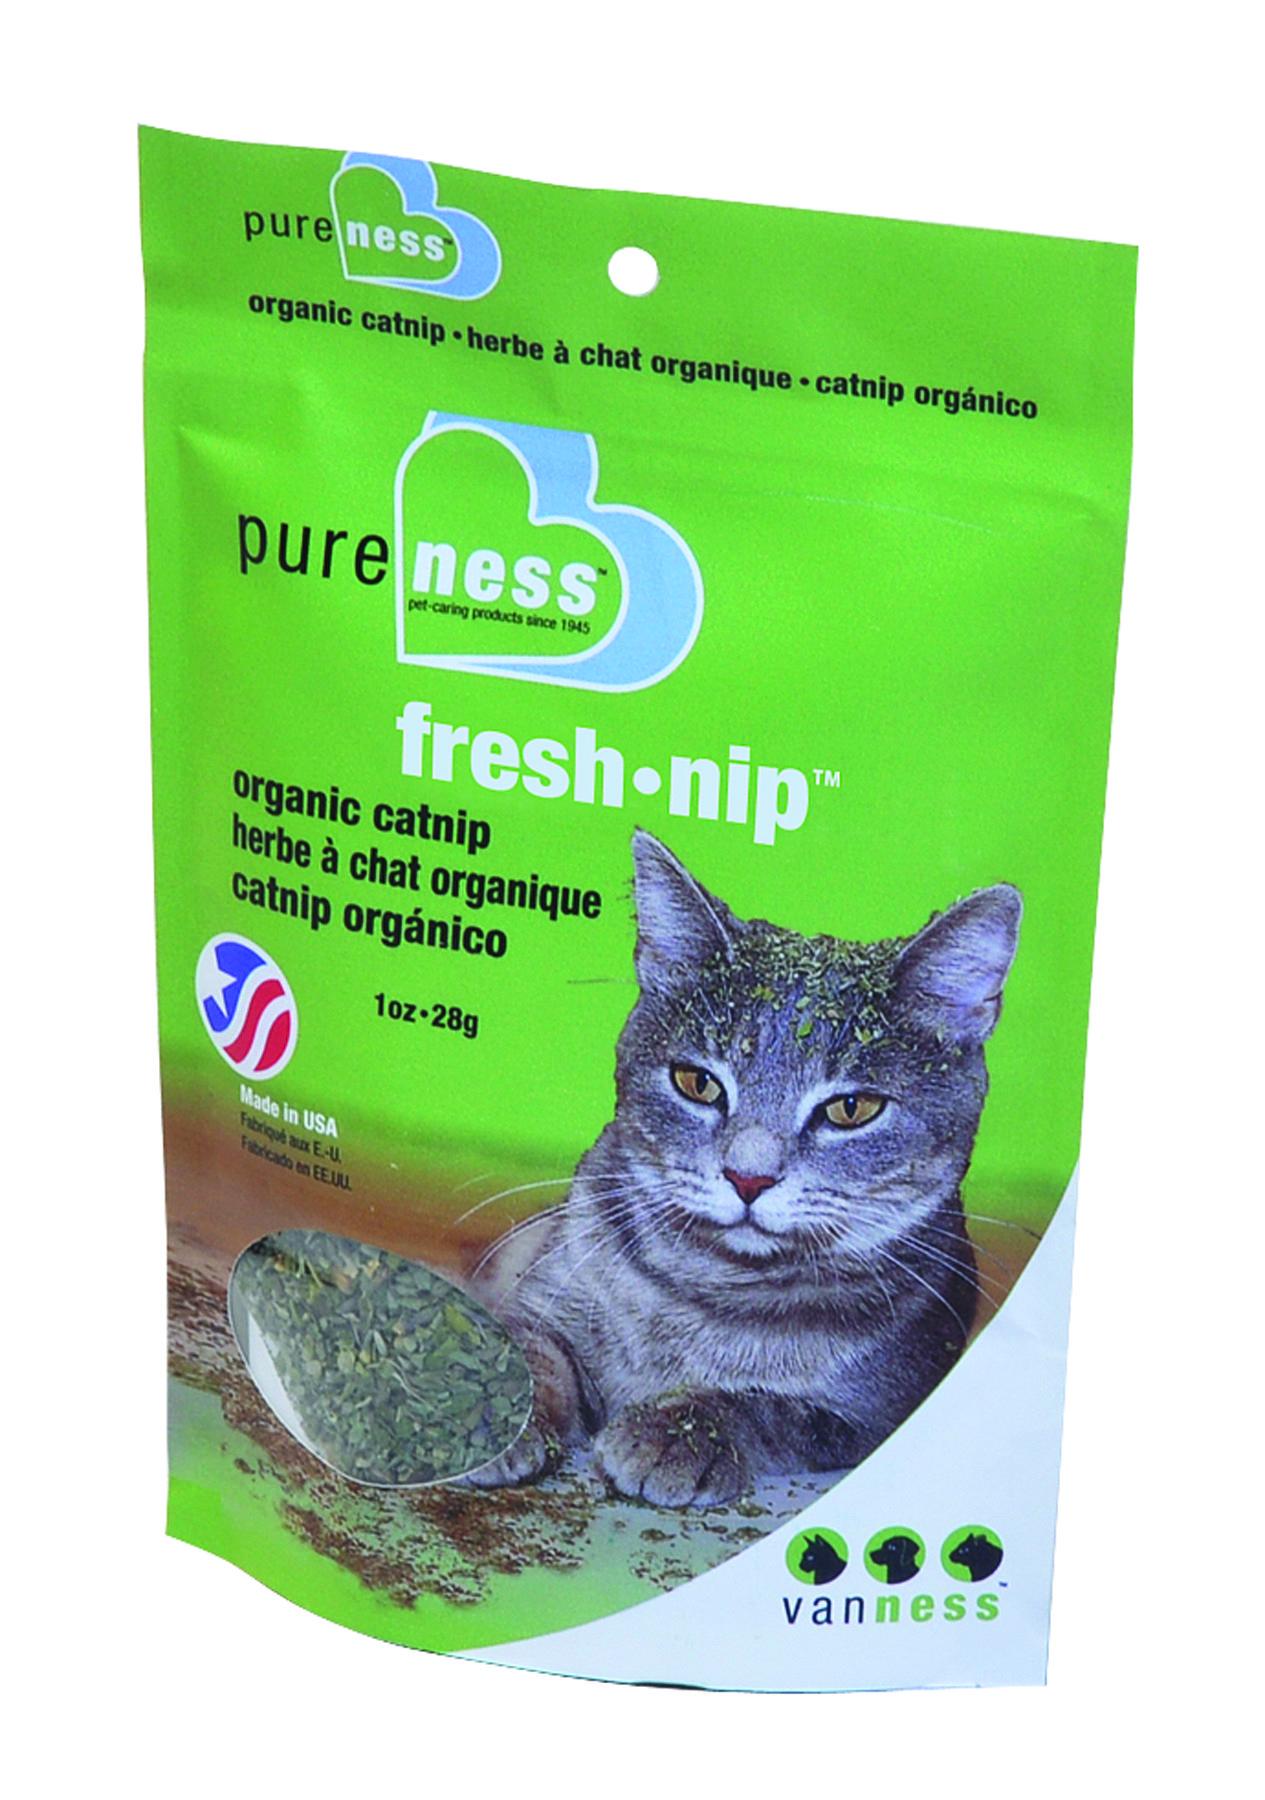 Organic Catnip For Your Fur Baby Van Ness Fresh Nip At Ozbocom